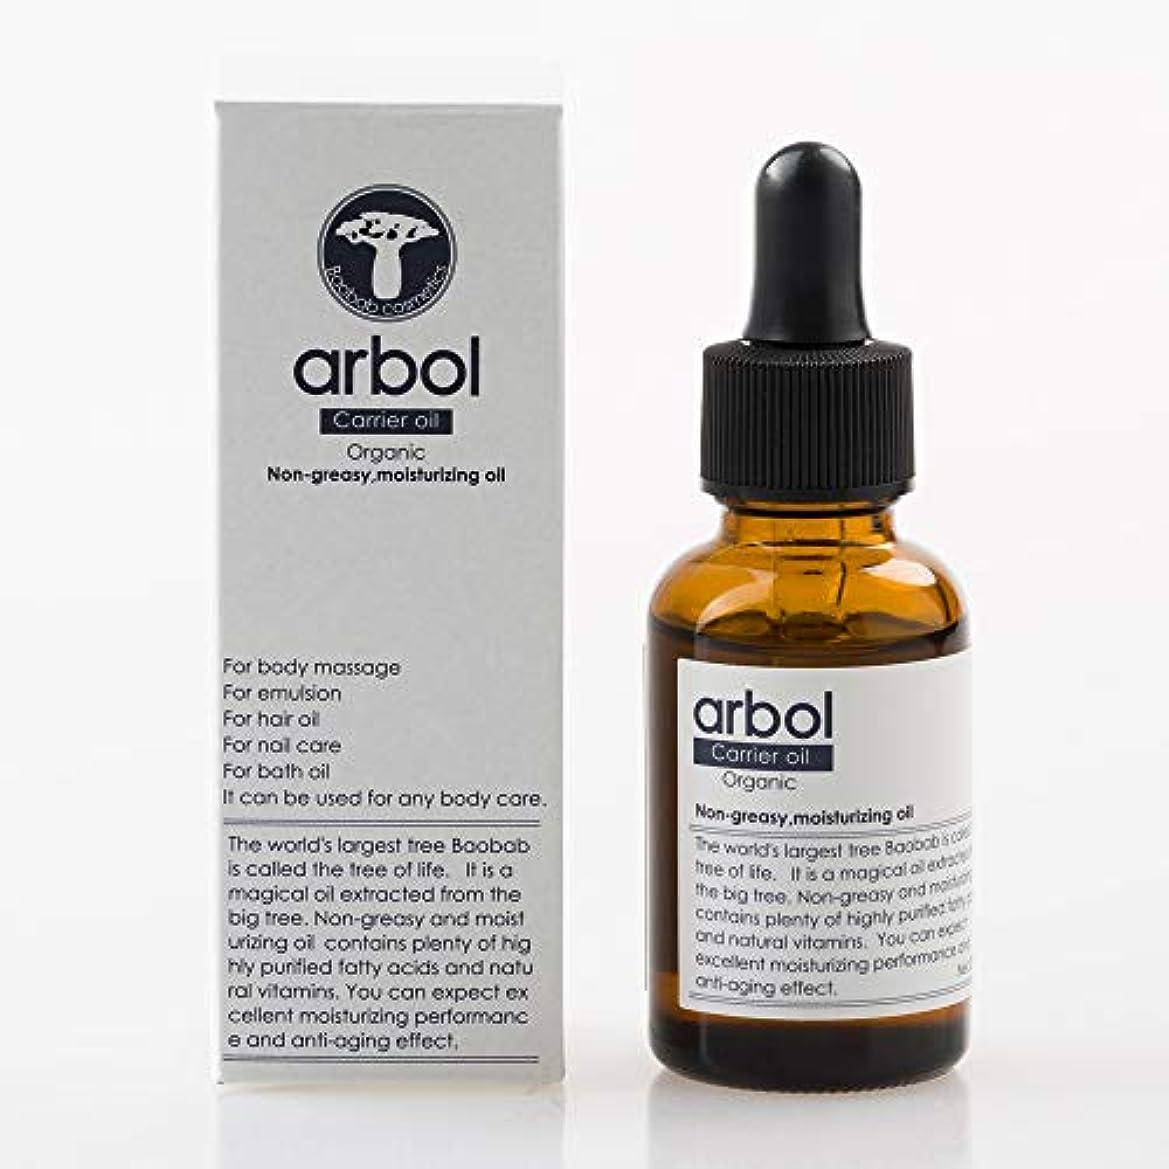 誰の気づく一節arbol(アルボル)キャリアオイル 30ml スキンオイル バオバブオイル ピュアオイル (フェイスオイル/ボディオイル/ヘアオイル/ネイルオイル)1118-1001